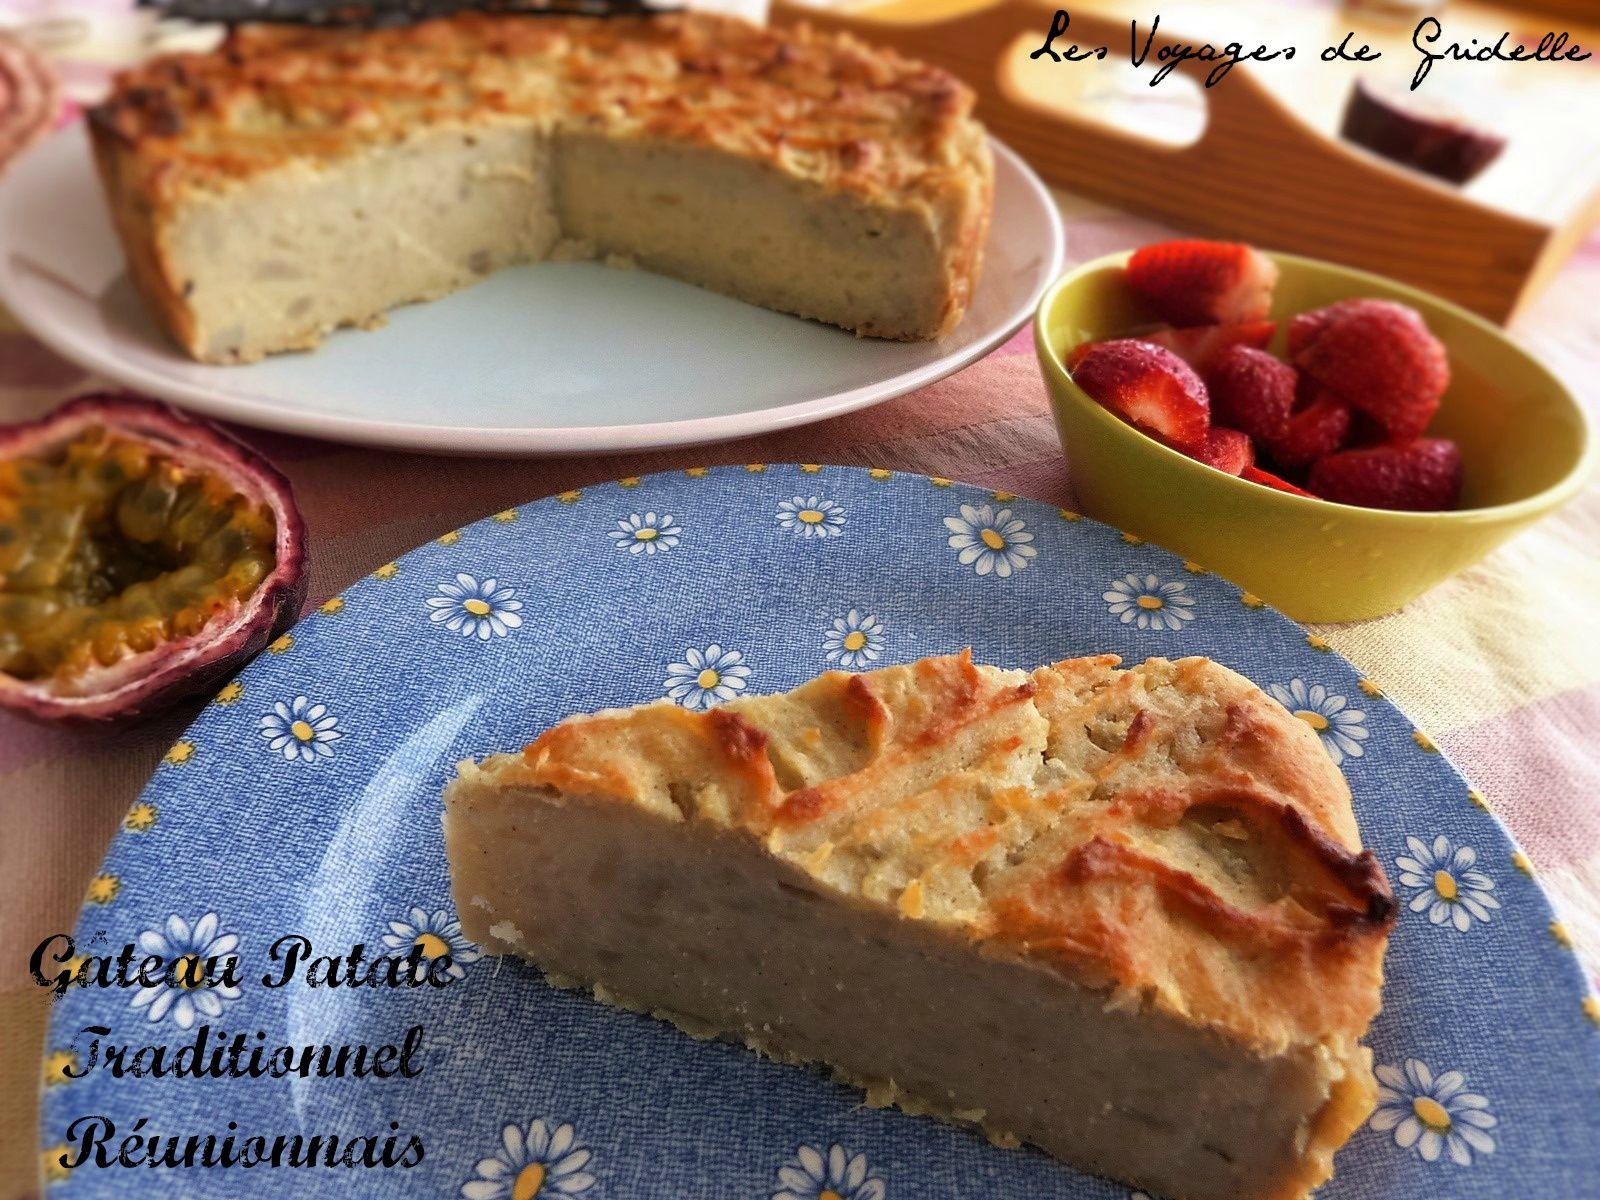 Gâteau Patate Traditionnel Réunionnais